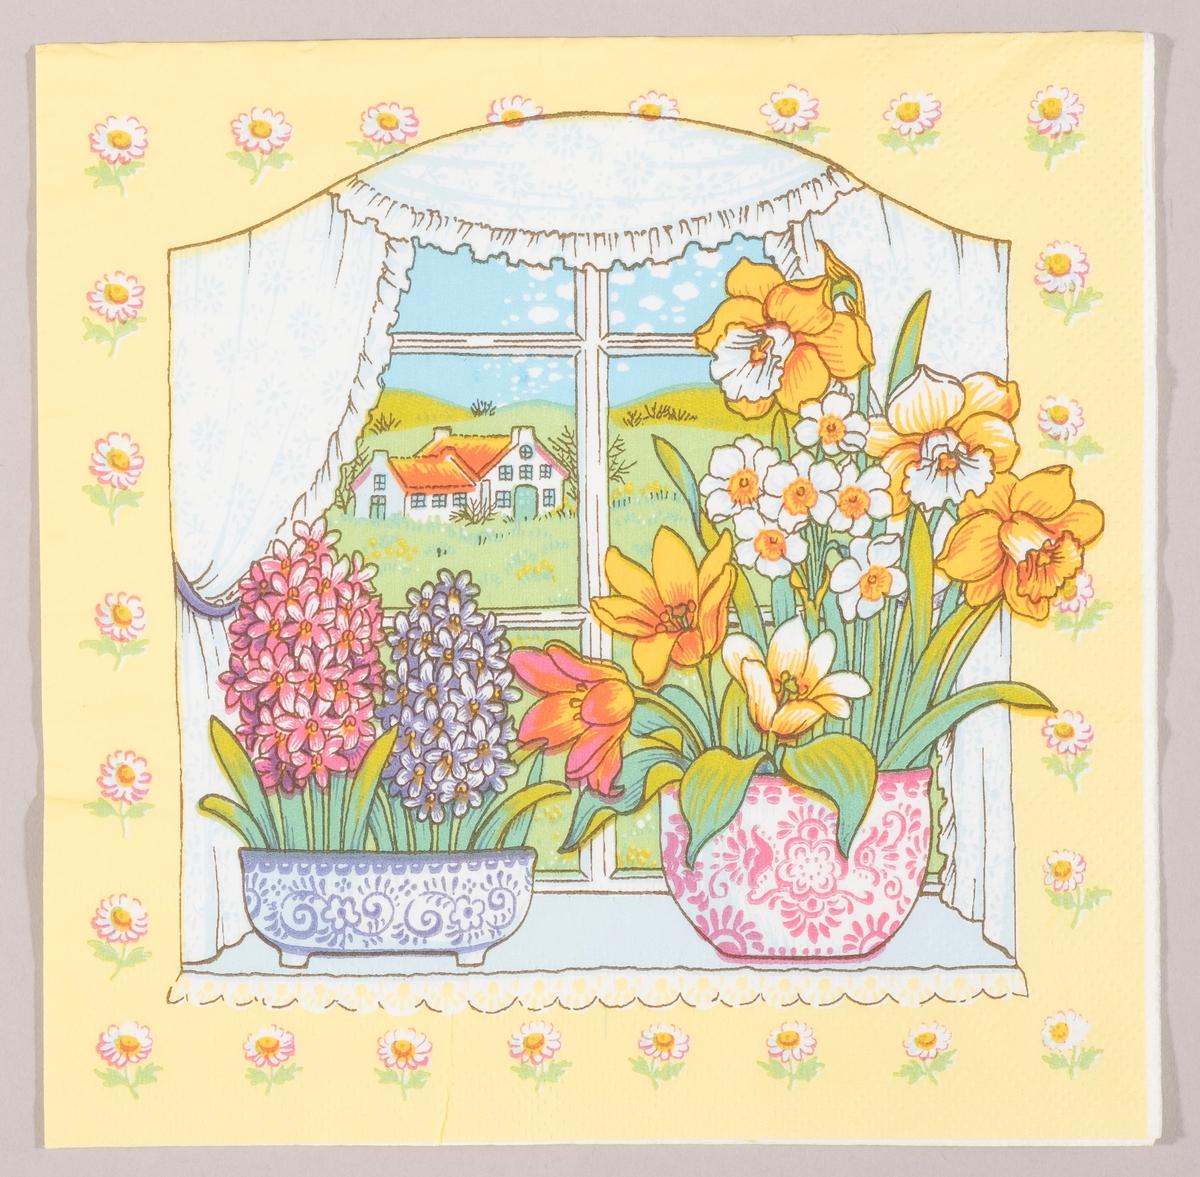 Et vindu med to vaser med blomster. I den ene vasen er det to svibler. I den andre vasen er det påskeliljer, pinseliljer og tulipaner. Vinduet har sprosser og gardiner. Utsikten fra vinduet viser et hvit bondehus omgitt av grønne åkre. hvite blomster rundt om motivet.